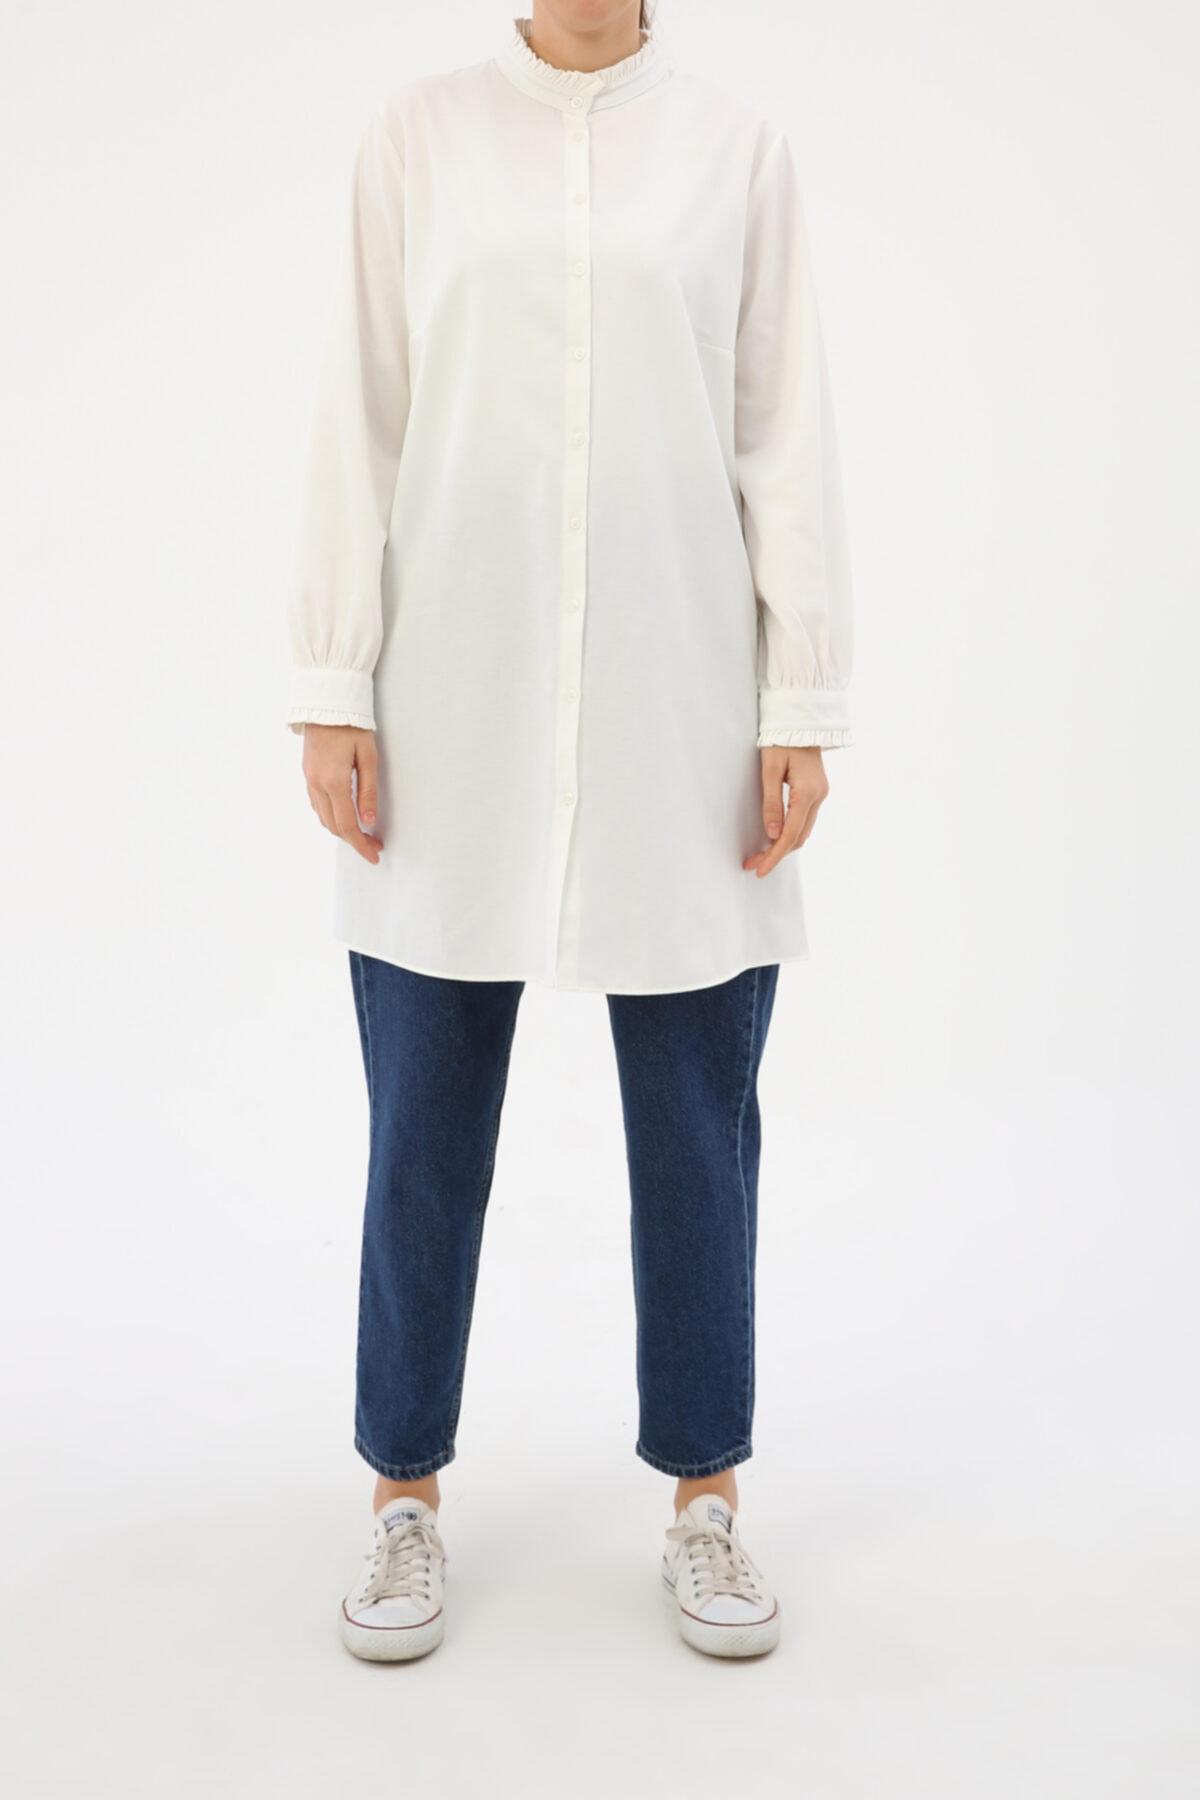 ALLDAY Ekru Yaka Ve Kol Fırfırlı Gömlek Tunik 2